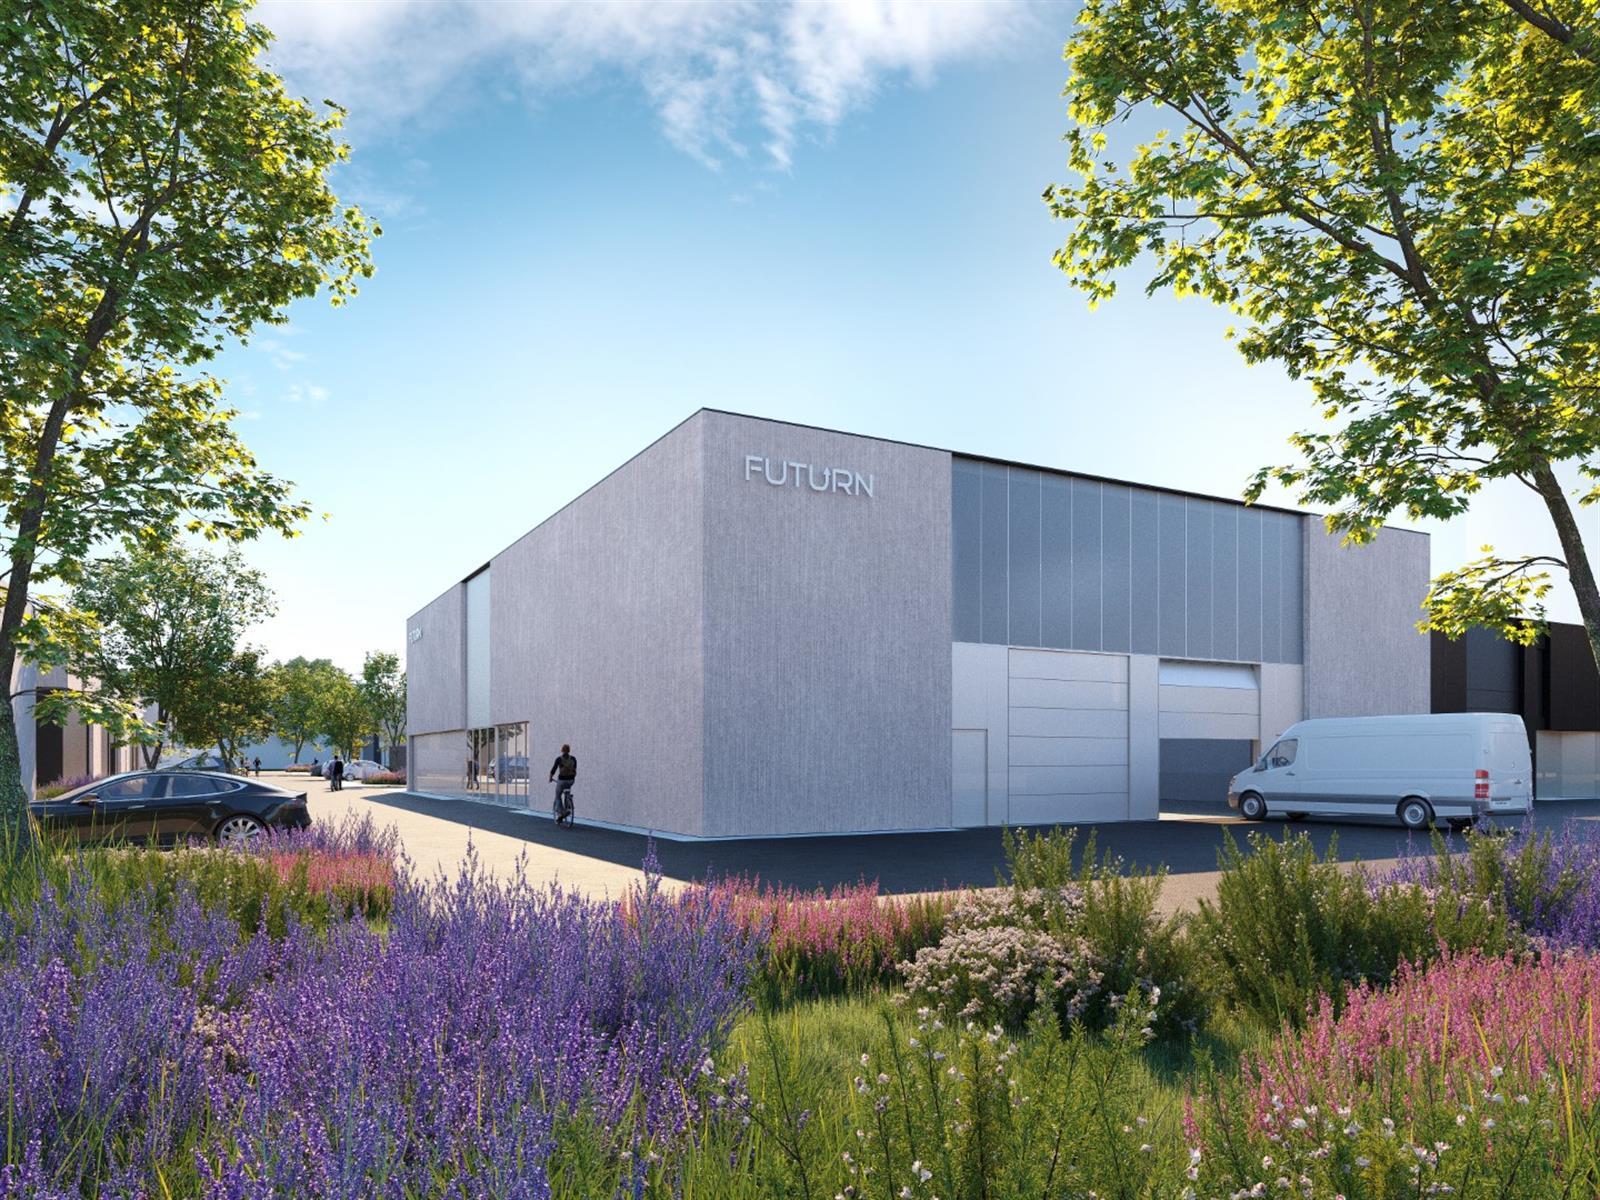 KMO-unit te koop Heros Businesspark KMO Unit 8 - Herkenrodesingel 10, 3500 Hasselt, België 10